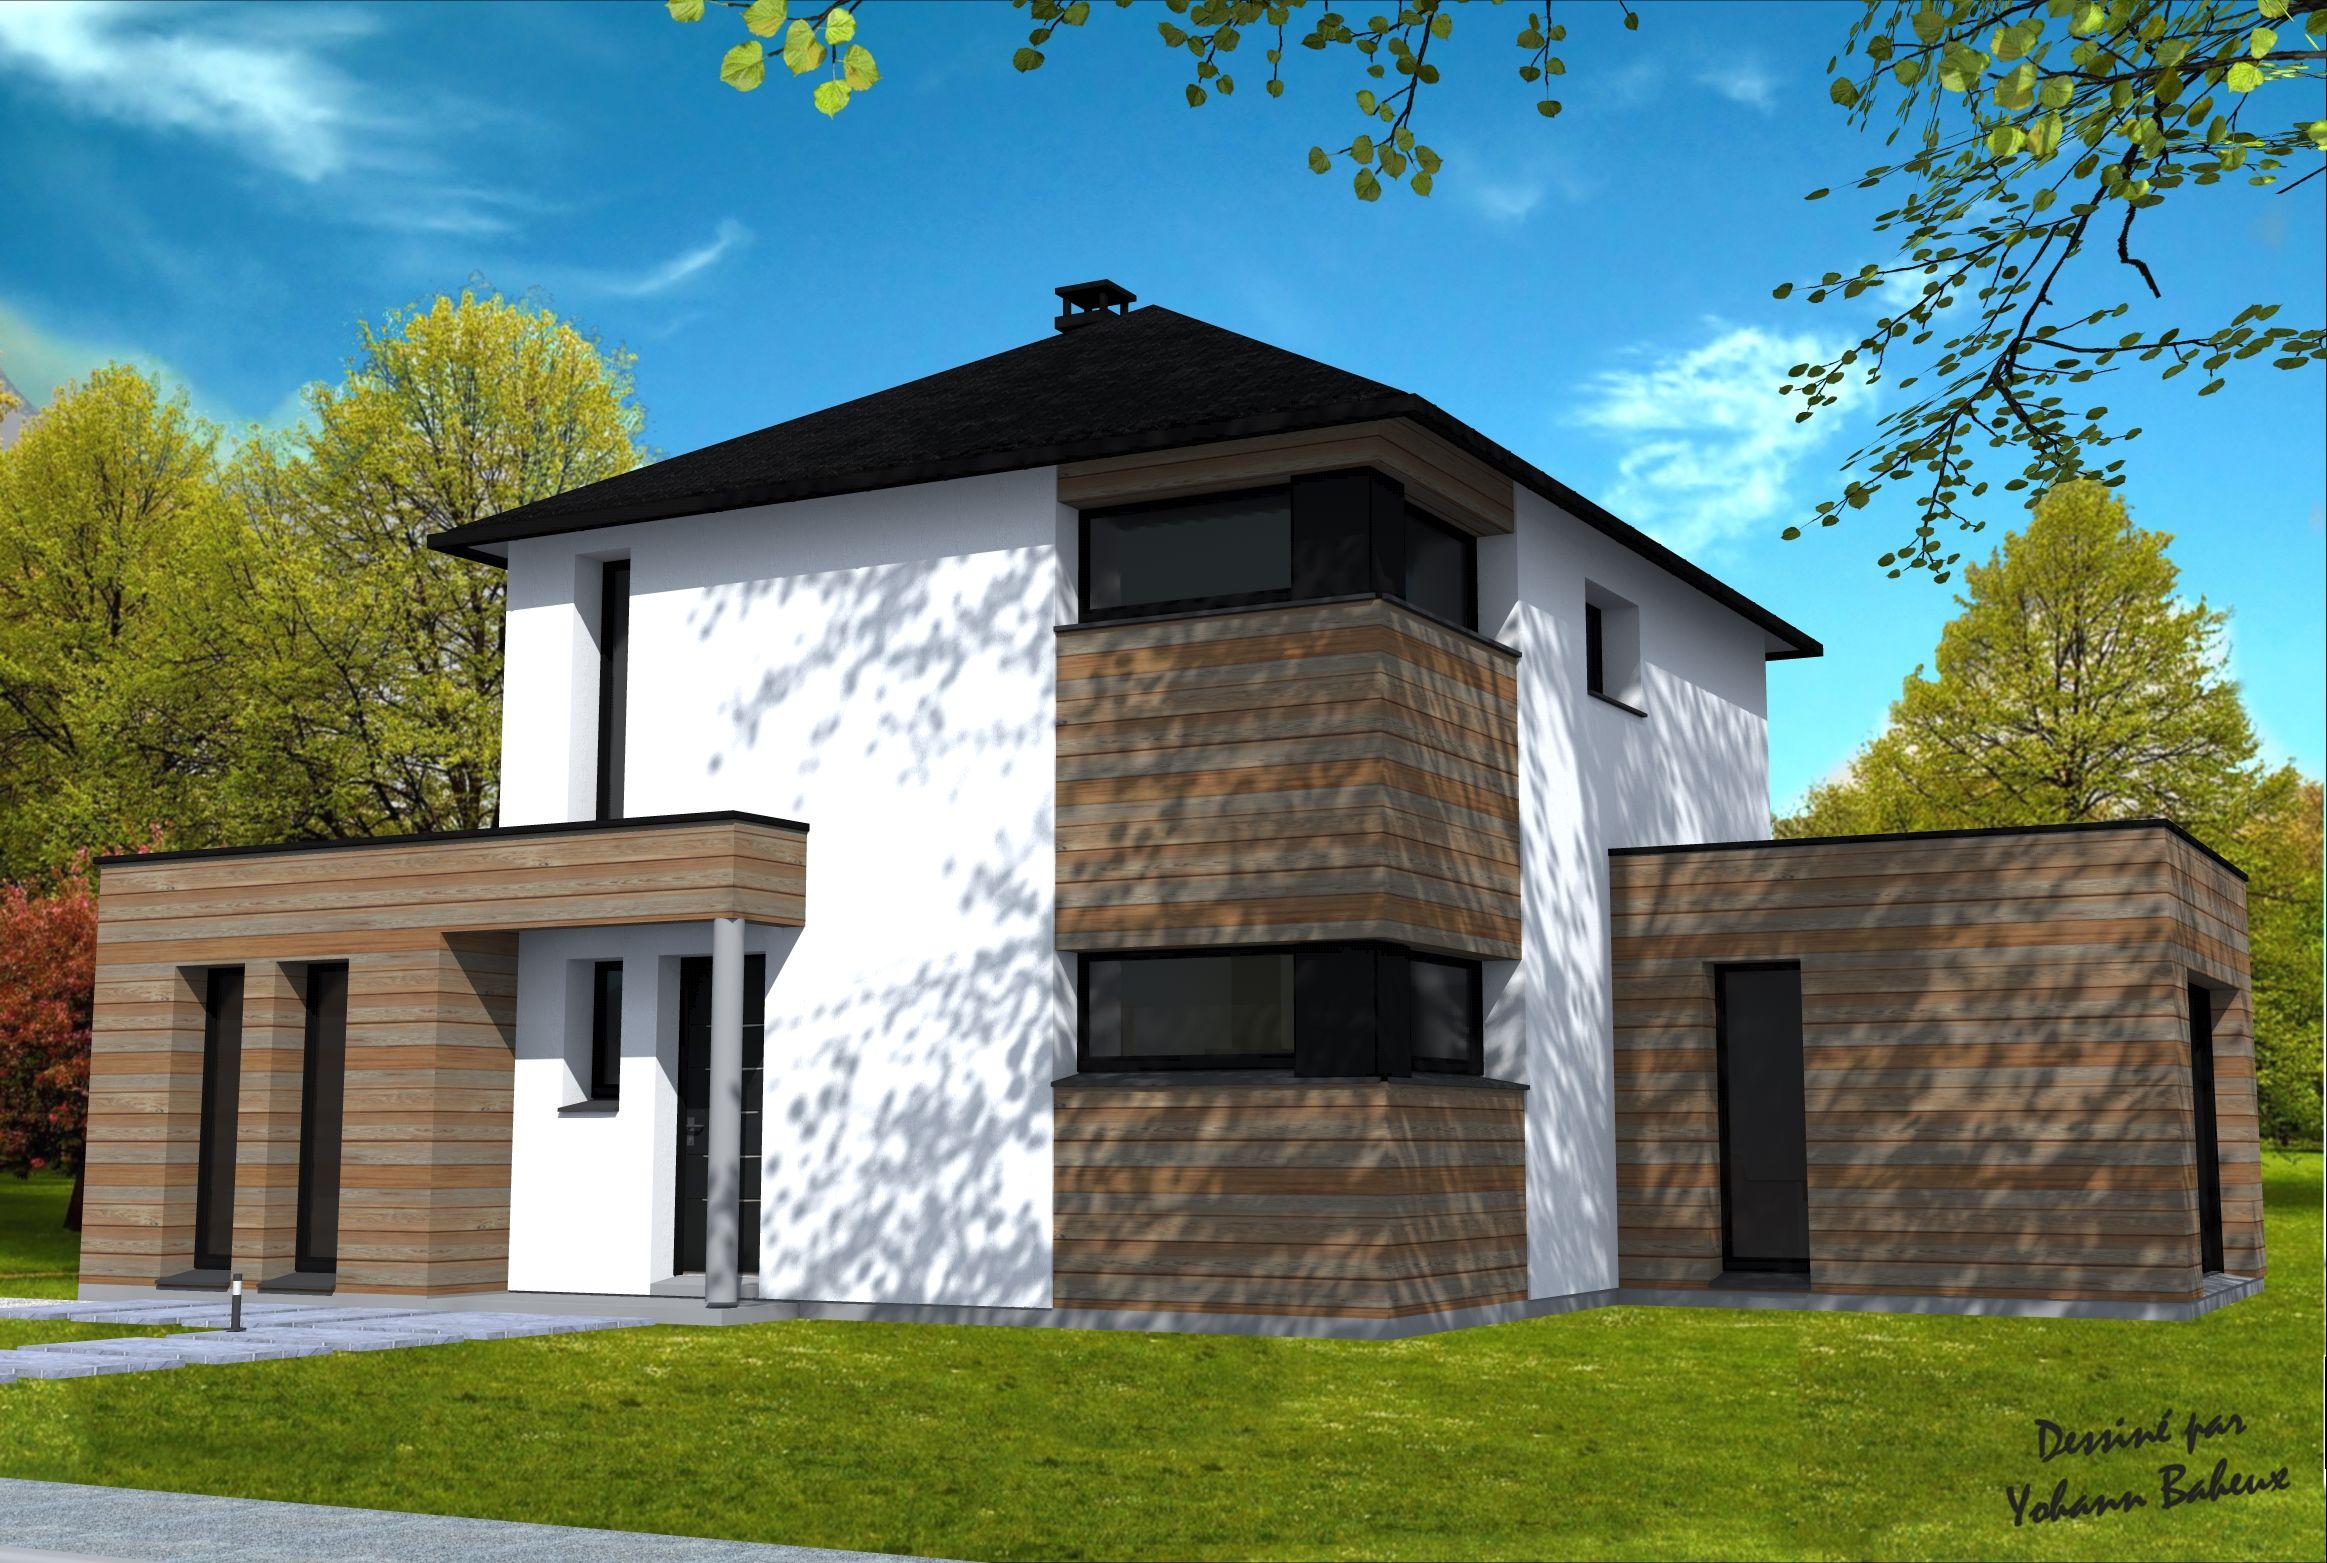 maison r 1 avec extensions cubiques maison en projet pinterest extension maisons et projet. Black Bedroom Furniture Sets. Home Design Ideas